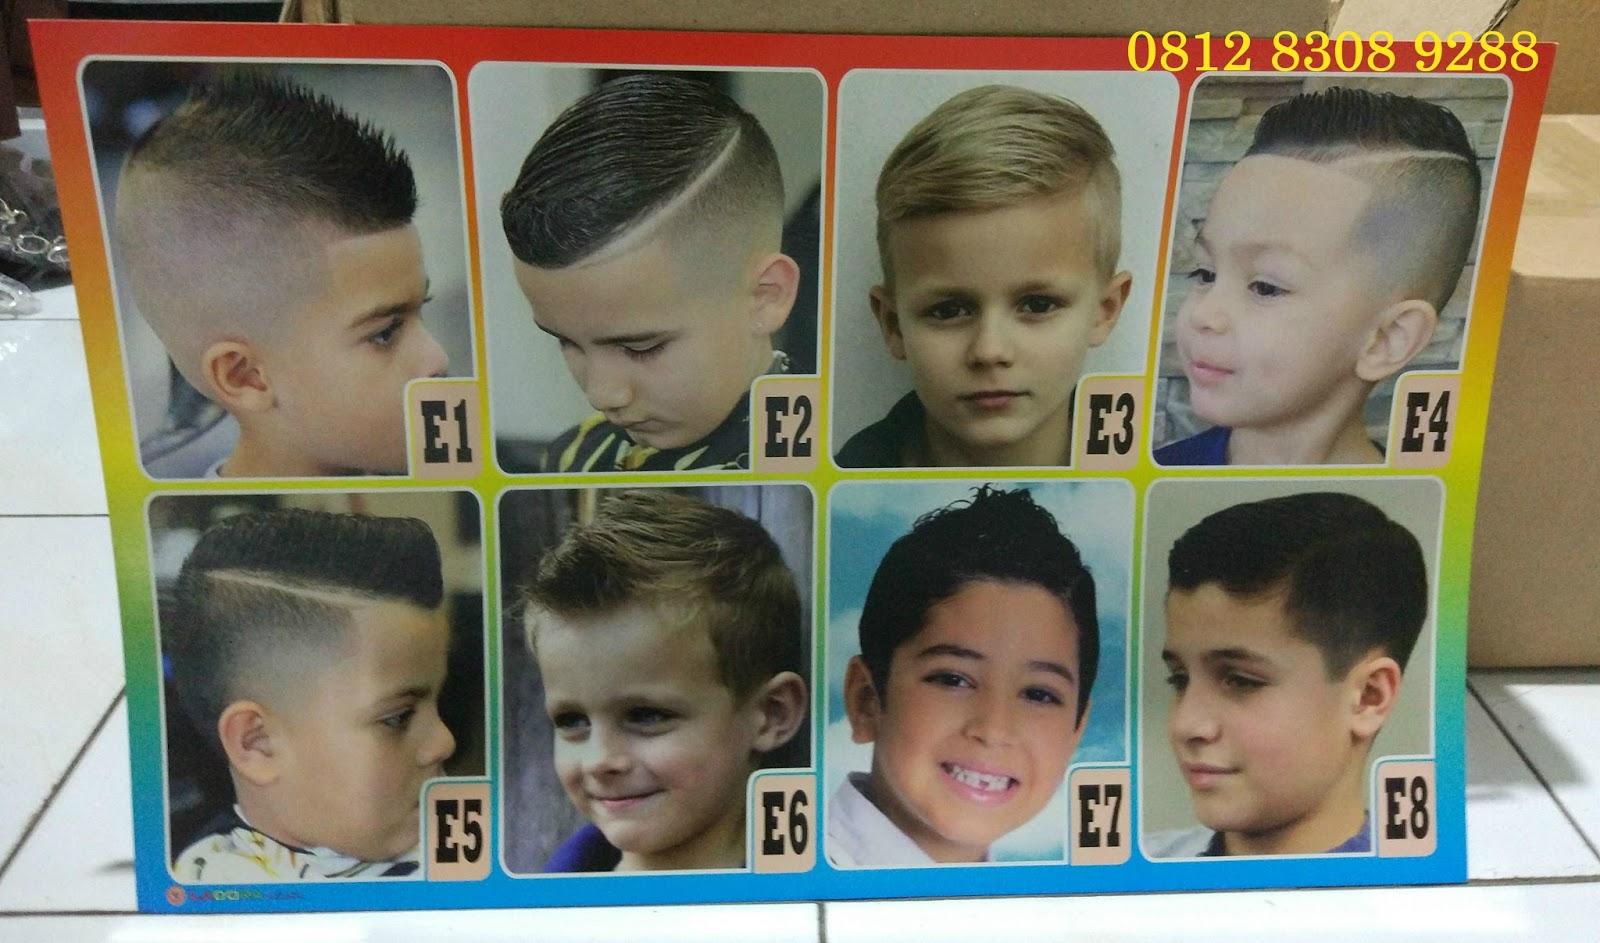 Jual alat dan mesin cukur rambut, Perlengkapan salon ...